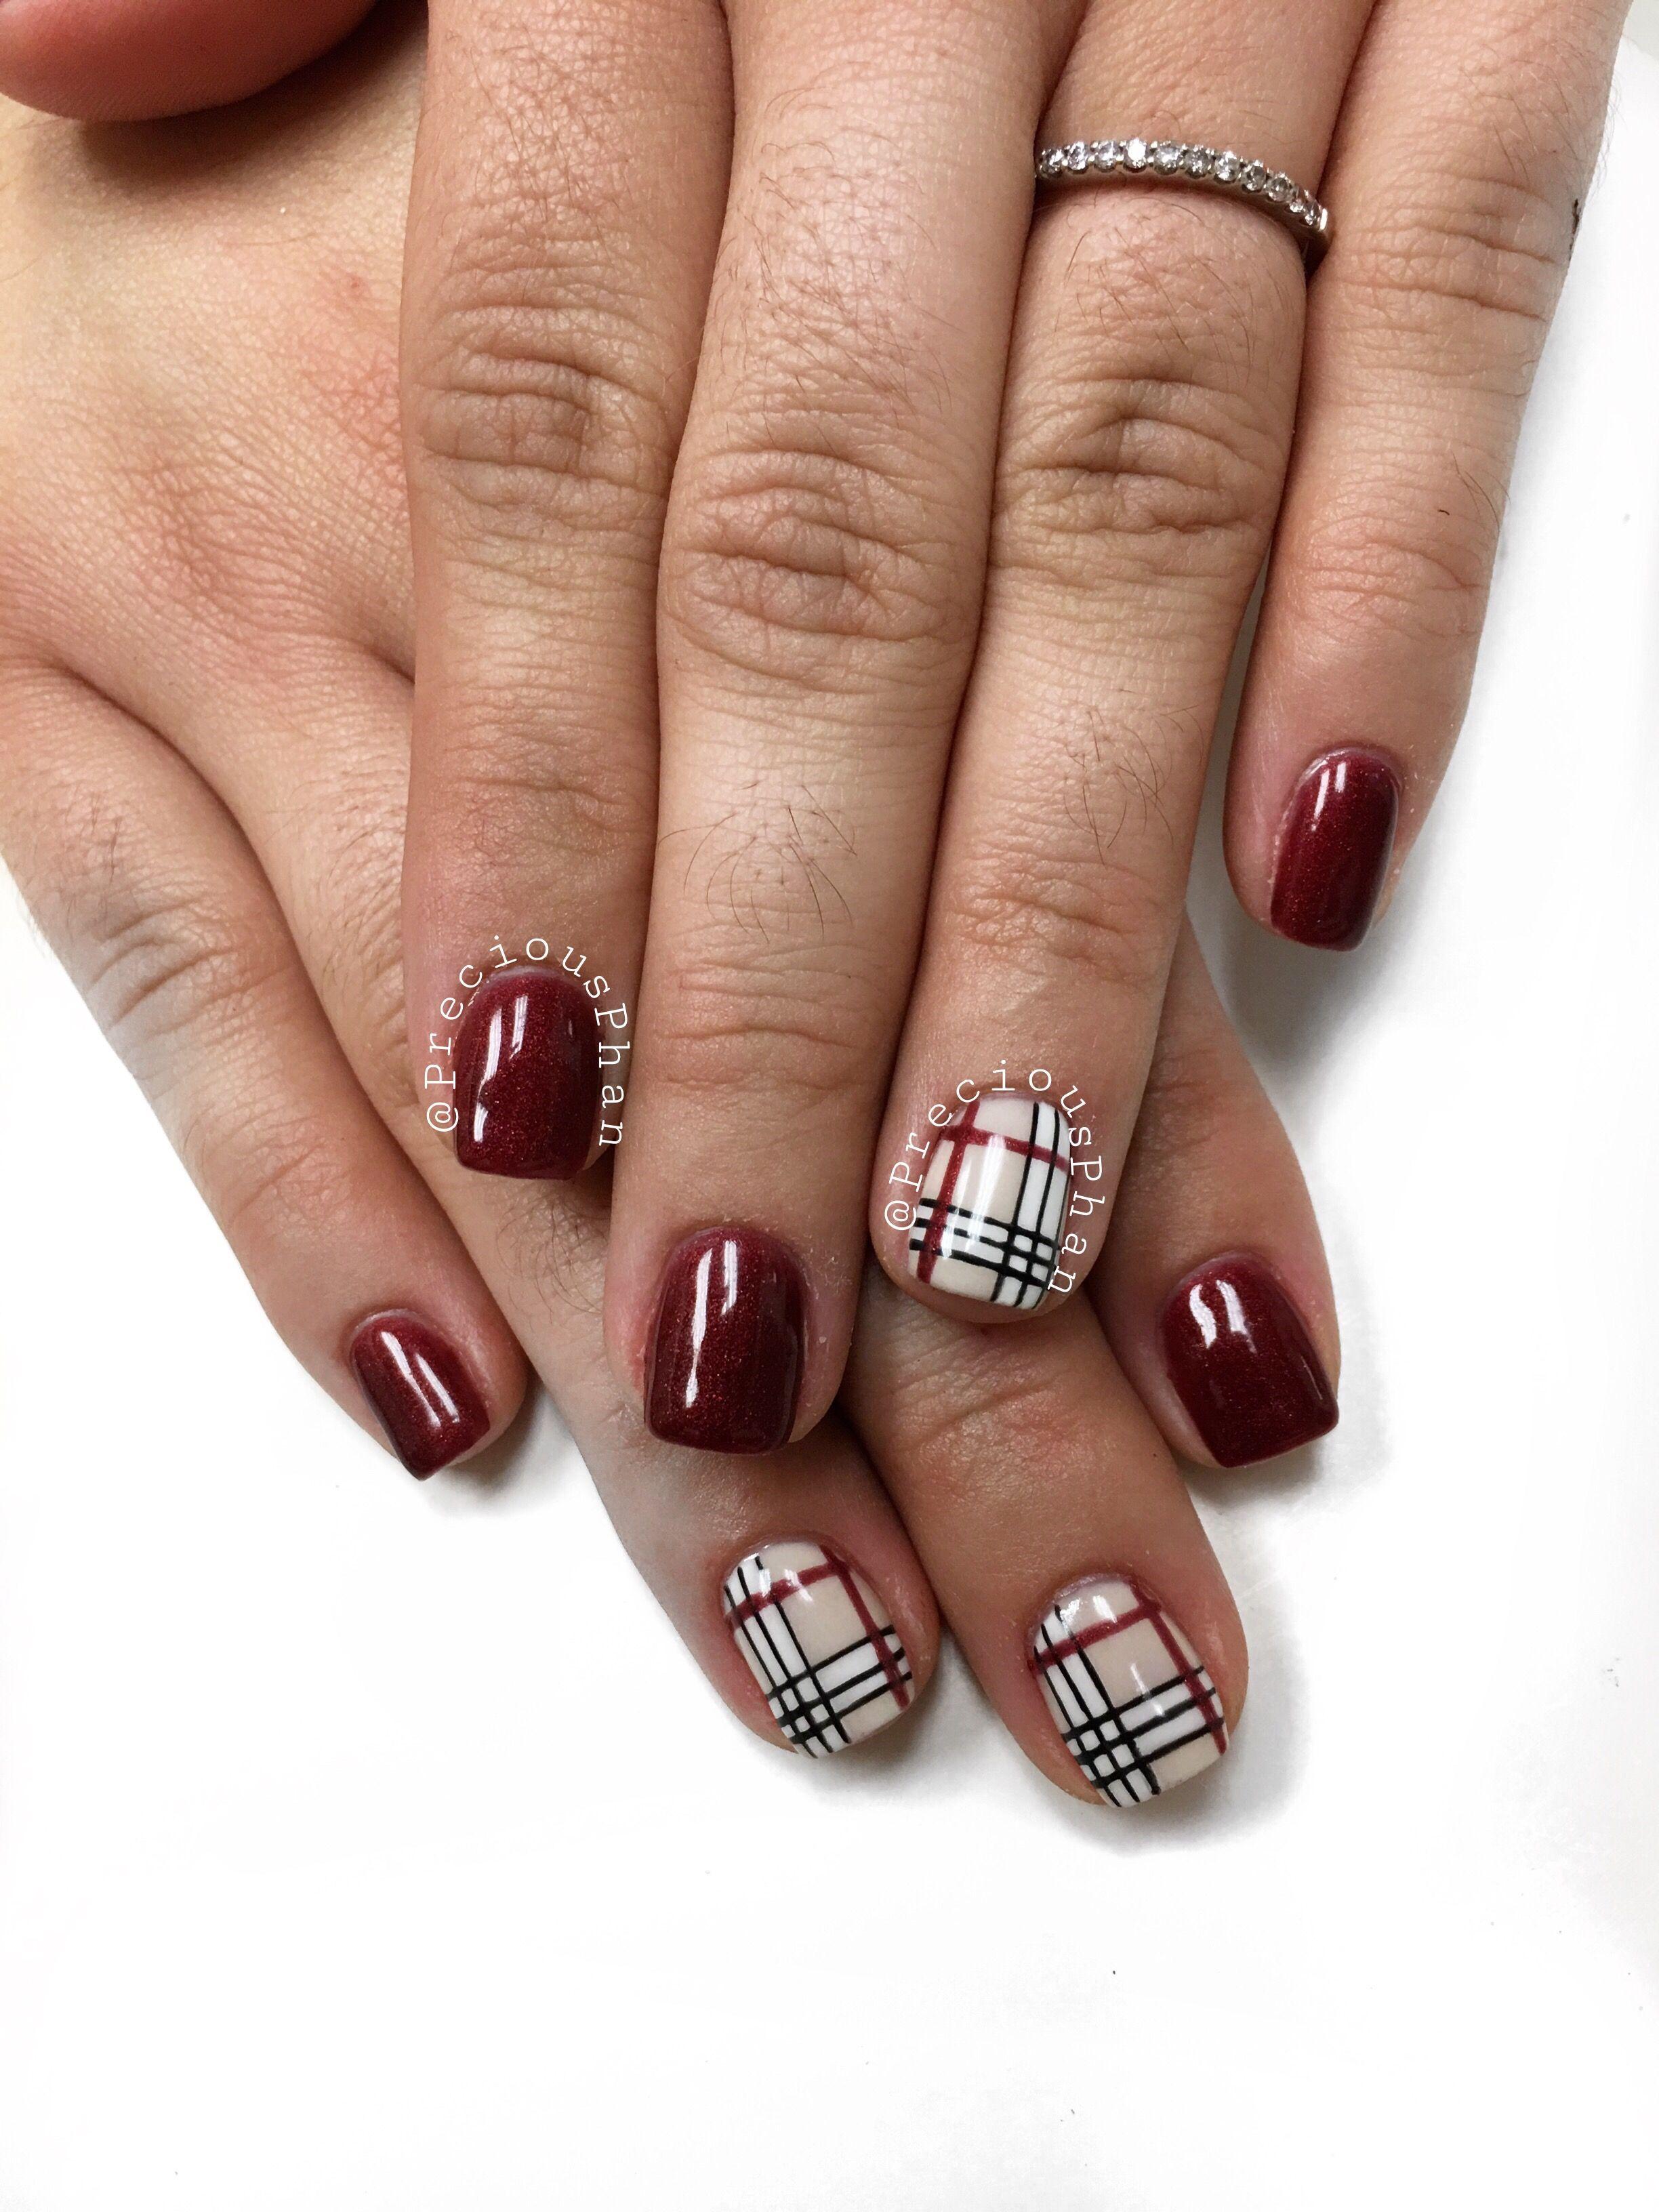 Burberry nails plaid nails maroon nails preciousphan nail